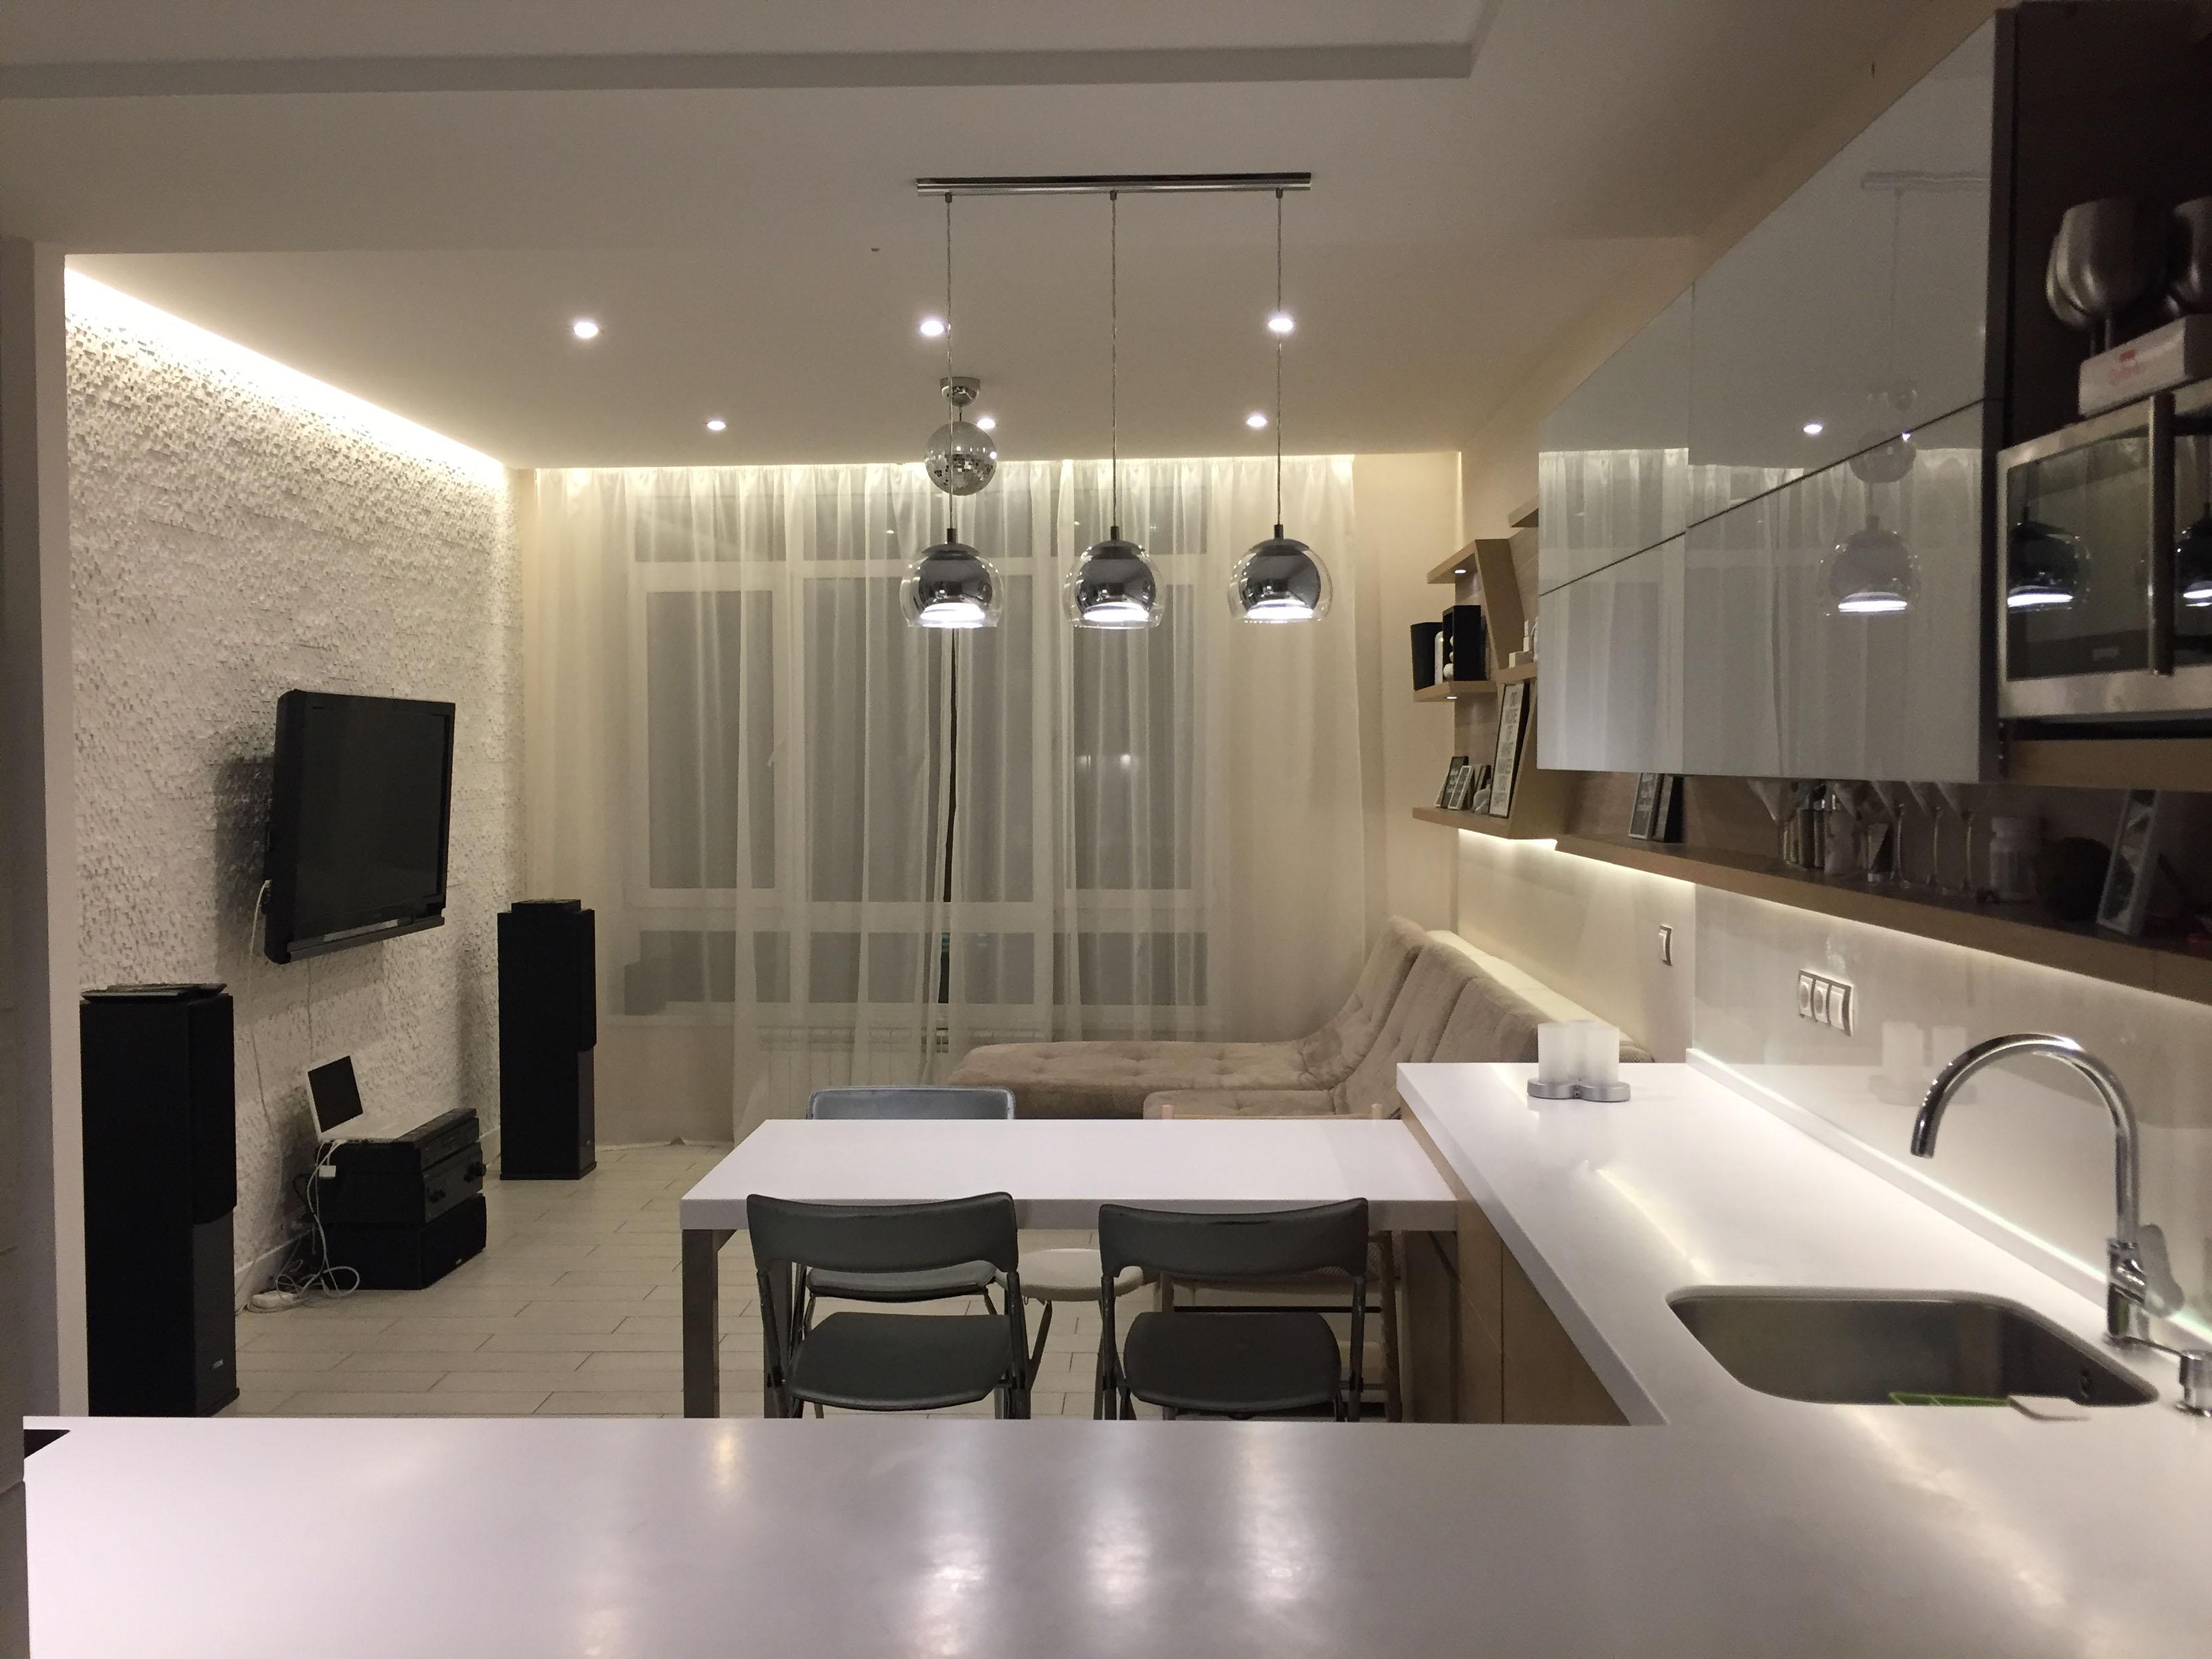 Фото Разработка дизайна интерьера, перепланировка помещения. 1